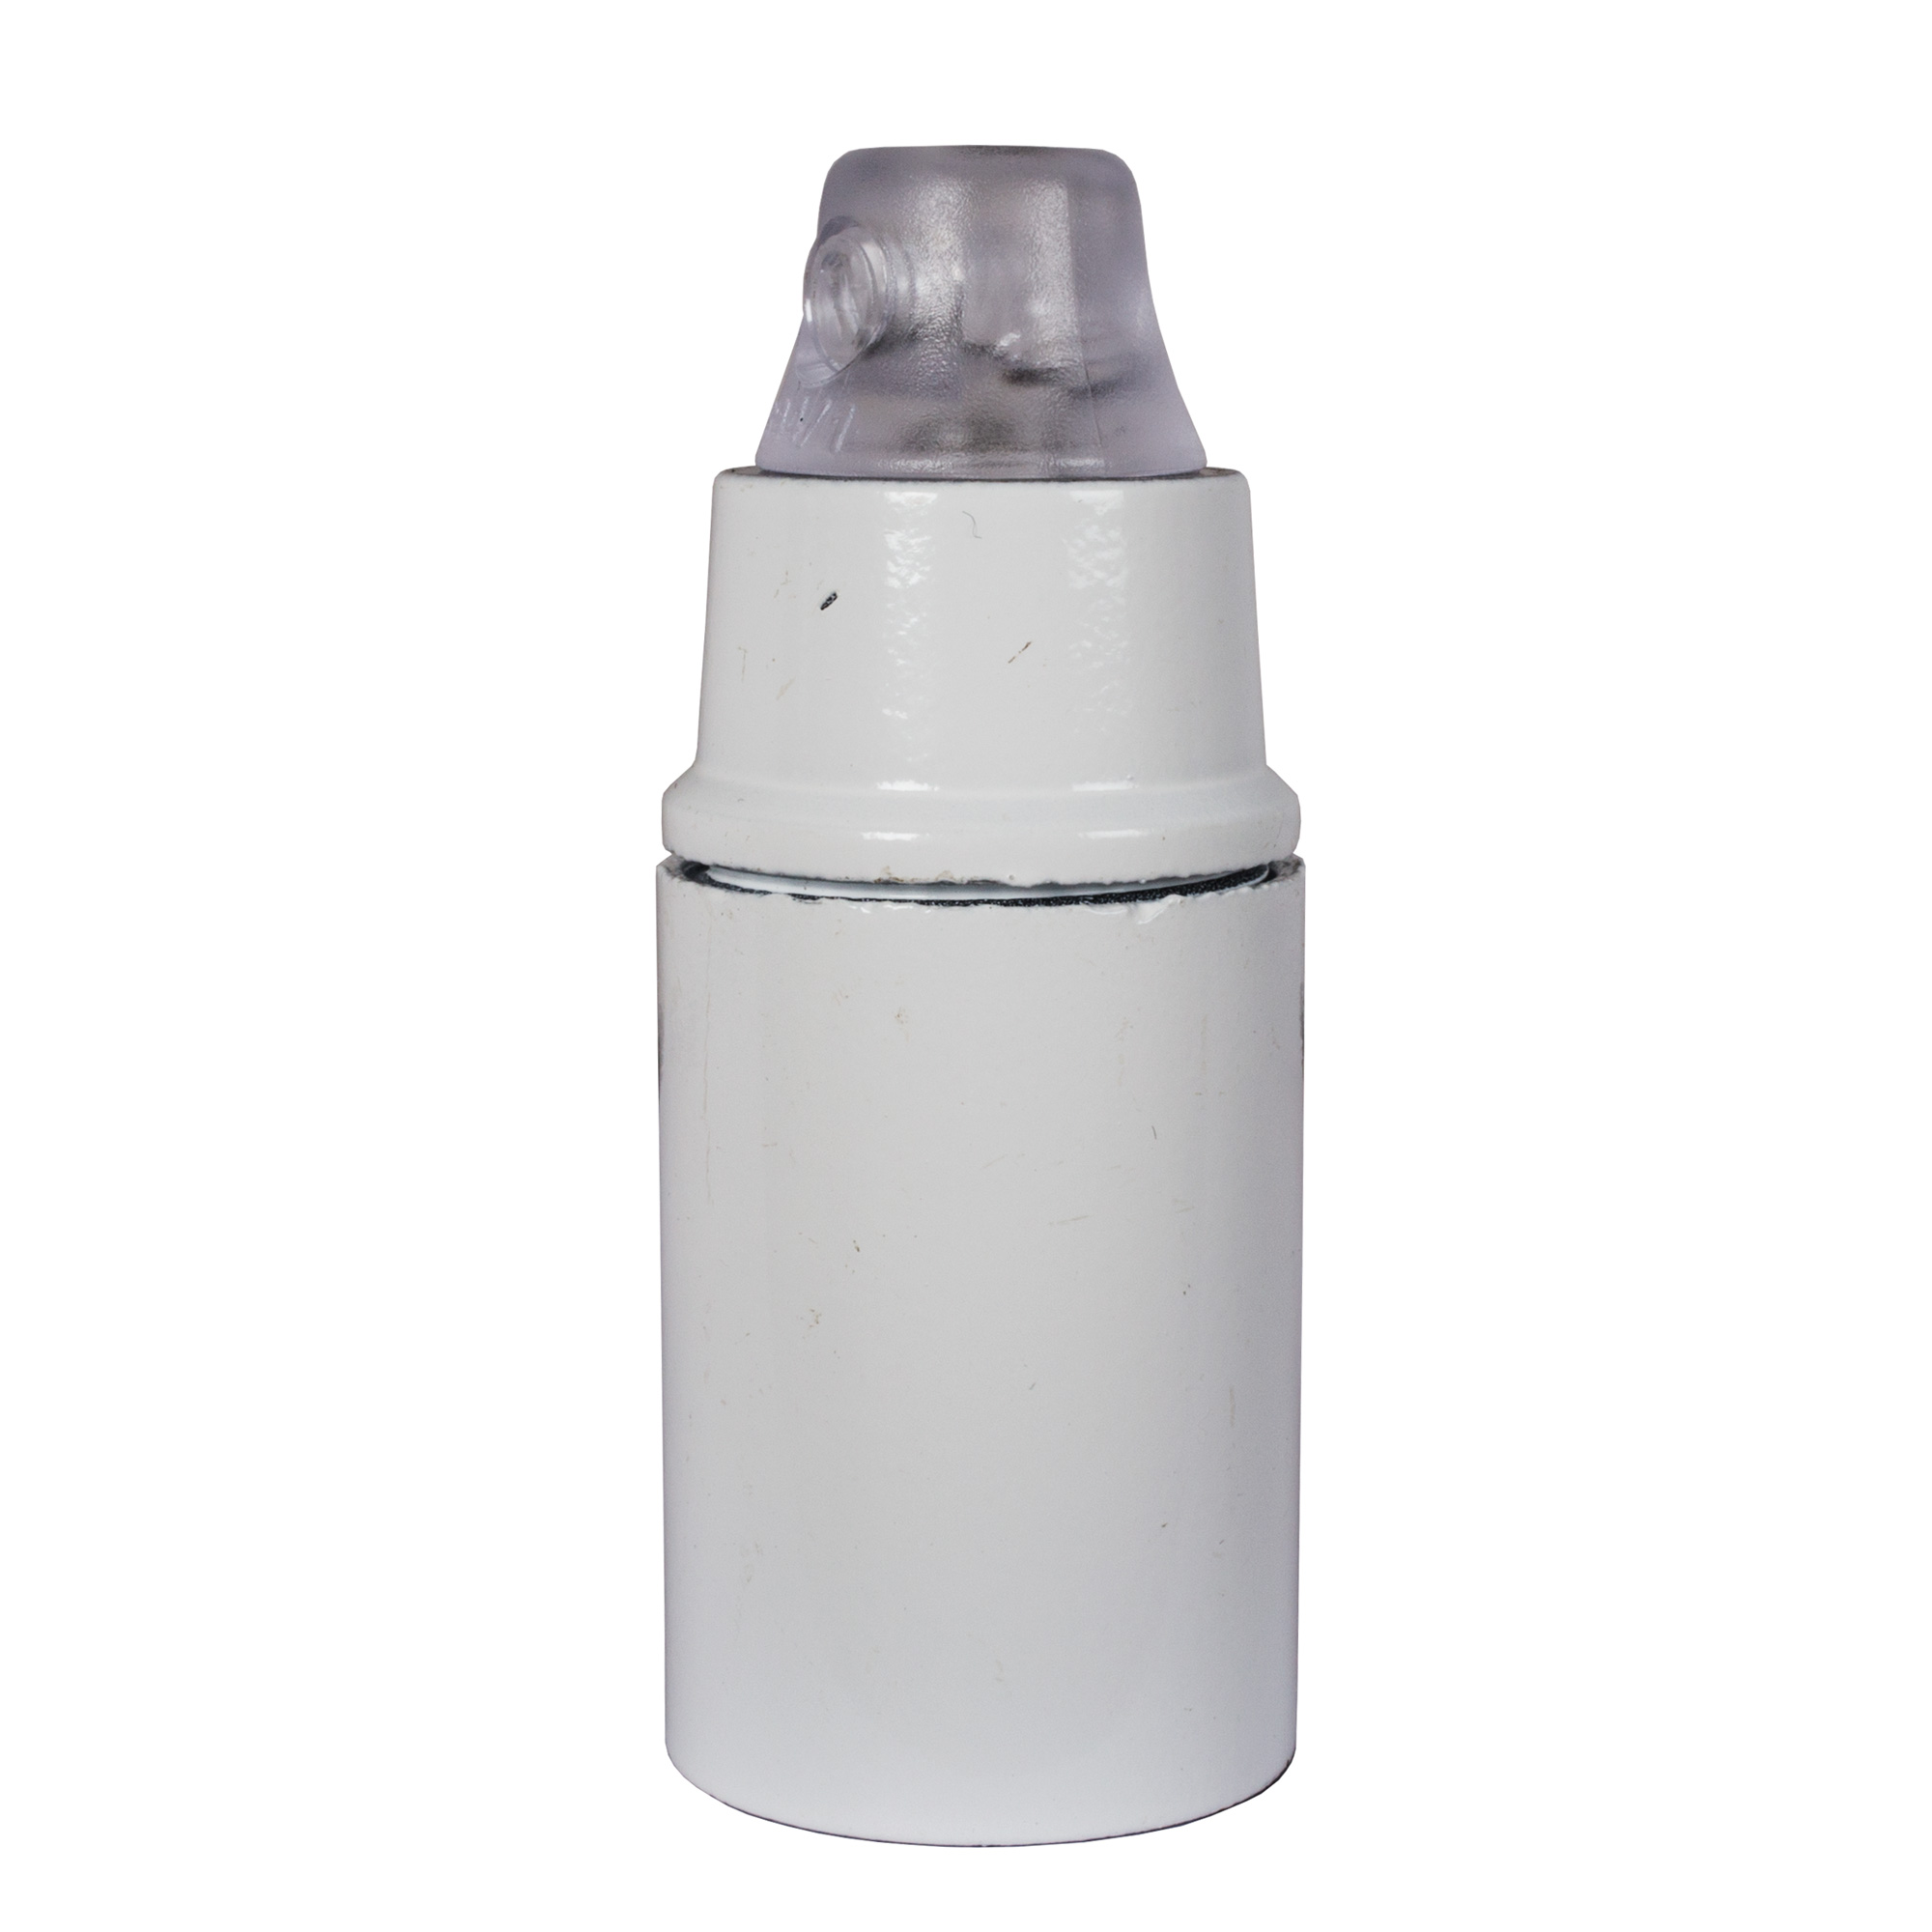 Underbar Lamphållare E14 – Textilkabel, takkopp och tillbehör: Byggfabriken QJ-21